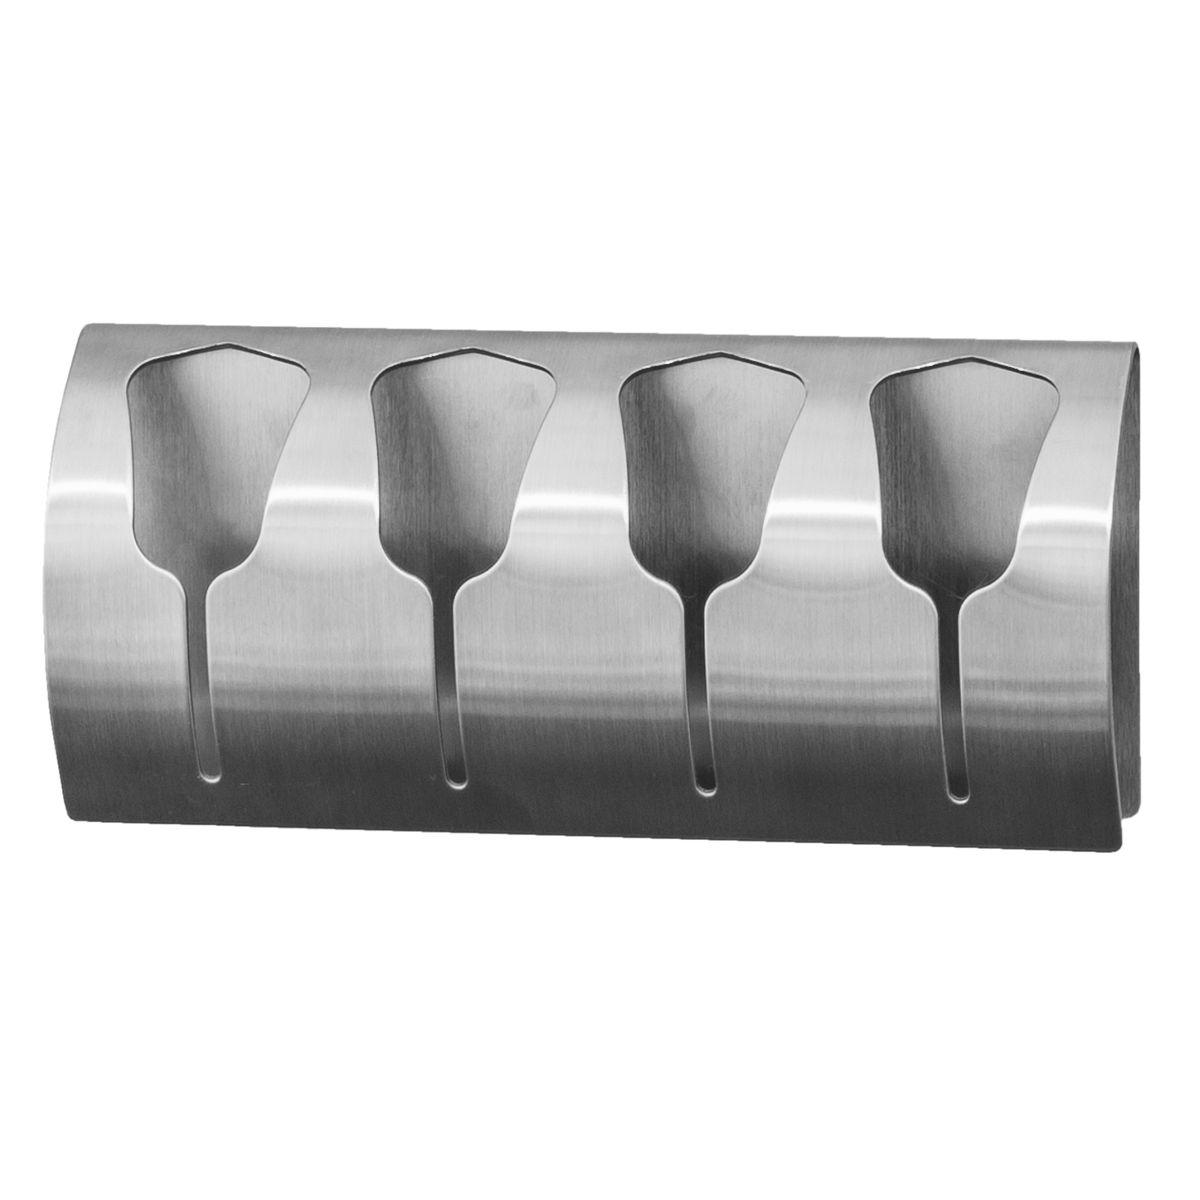 Вешалка Tatkraft Florida, самоклеящийся, для 4 полотенец вешалка для полотенец tatkraft mega lock